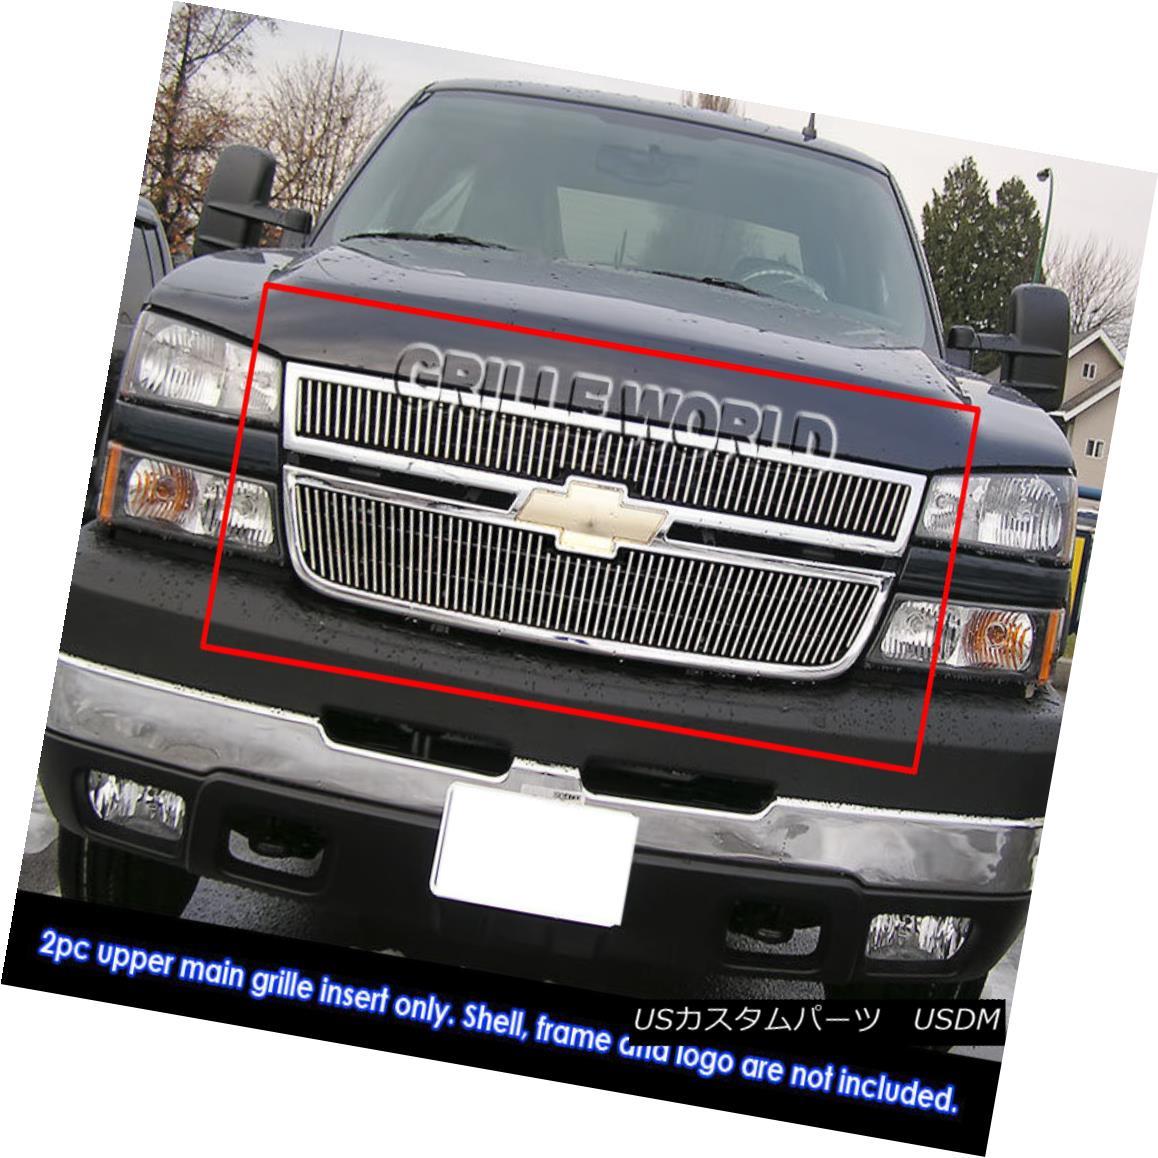 グリル For 2006 Chevy Silverado/SS 1500/05-06 2500 Billet Grille 2006年Chevy Silverado / SS 1500 / 05-06 2500 Billet Grille